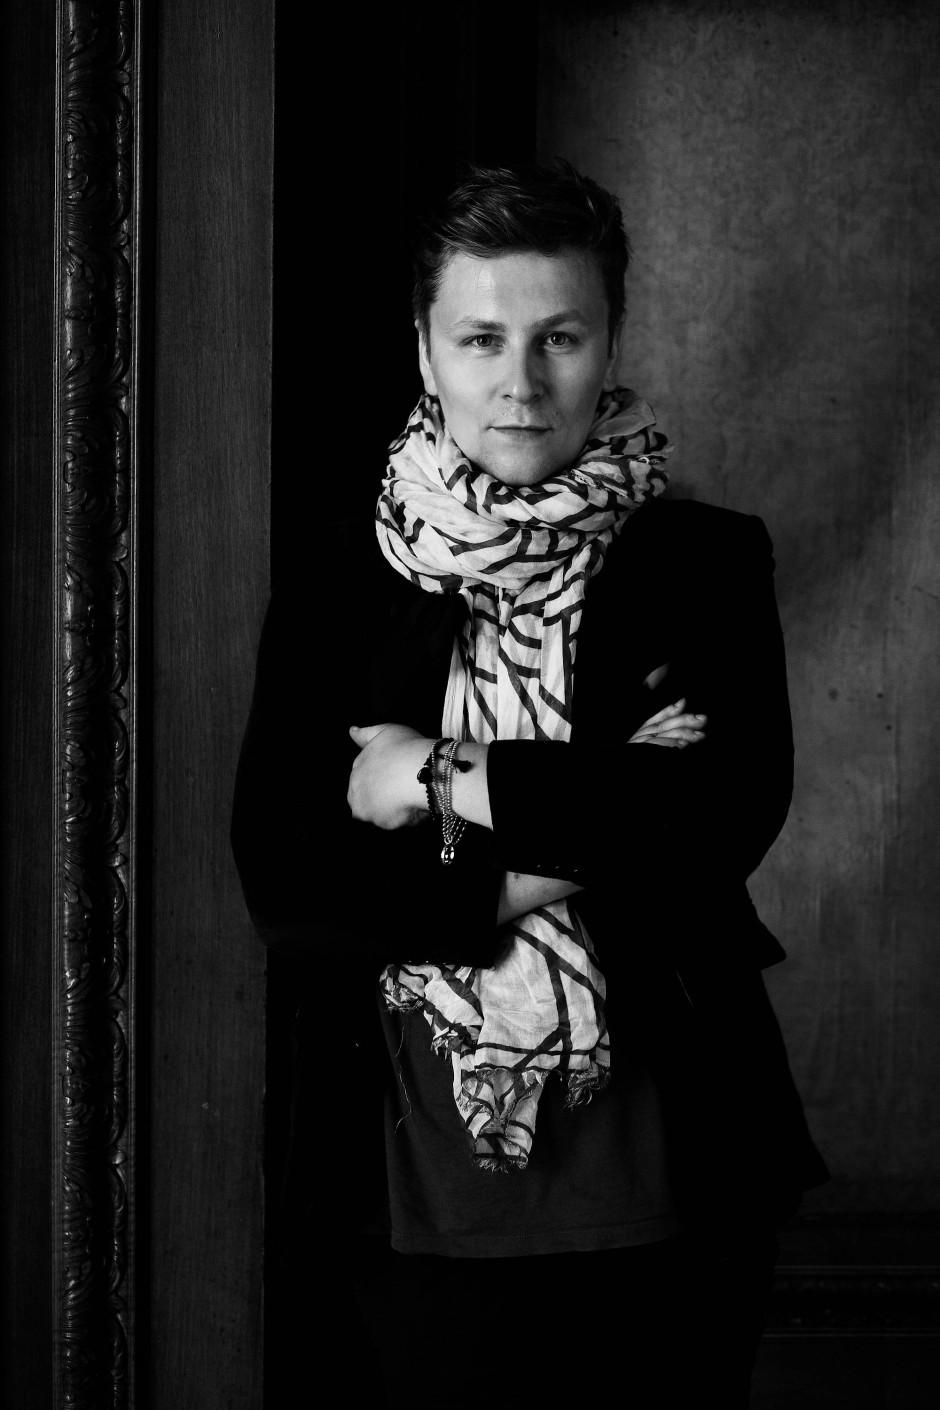 Dawid Tomaszewski, Jahrgang 1980, wurde in Danzig in Polen geboren. Seit 2009 führt er in Berlin sein eigenes Label.